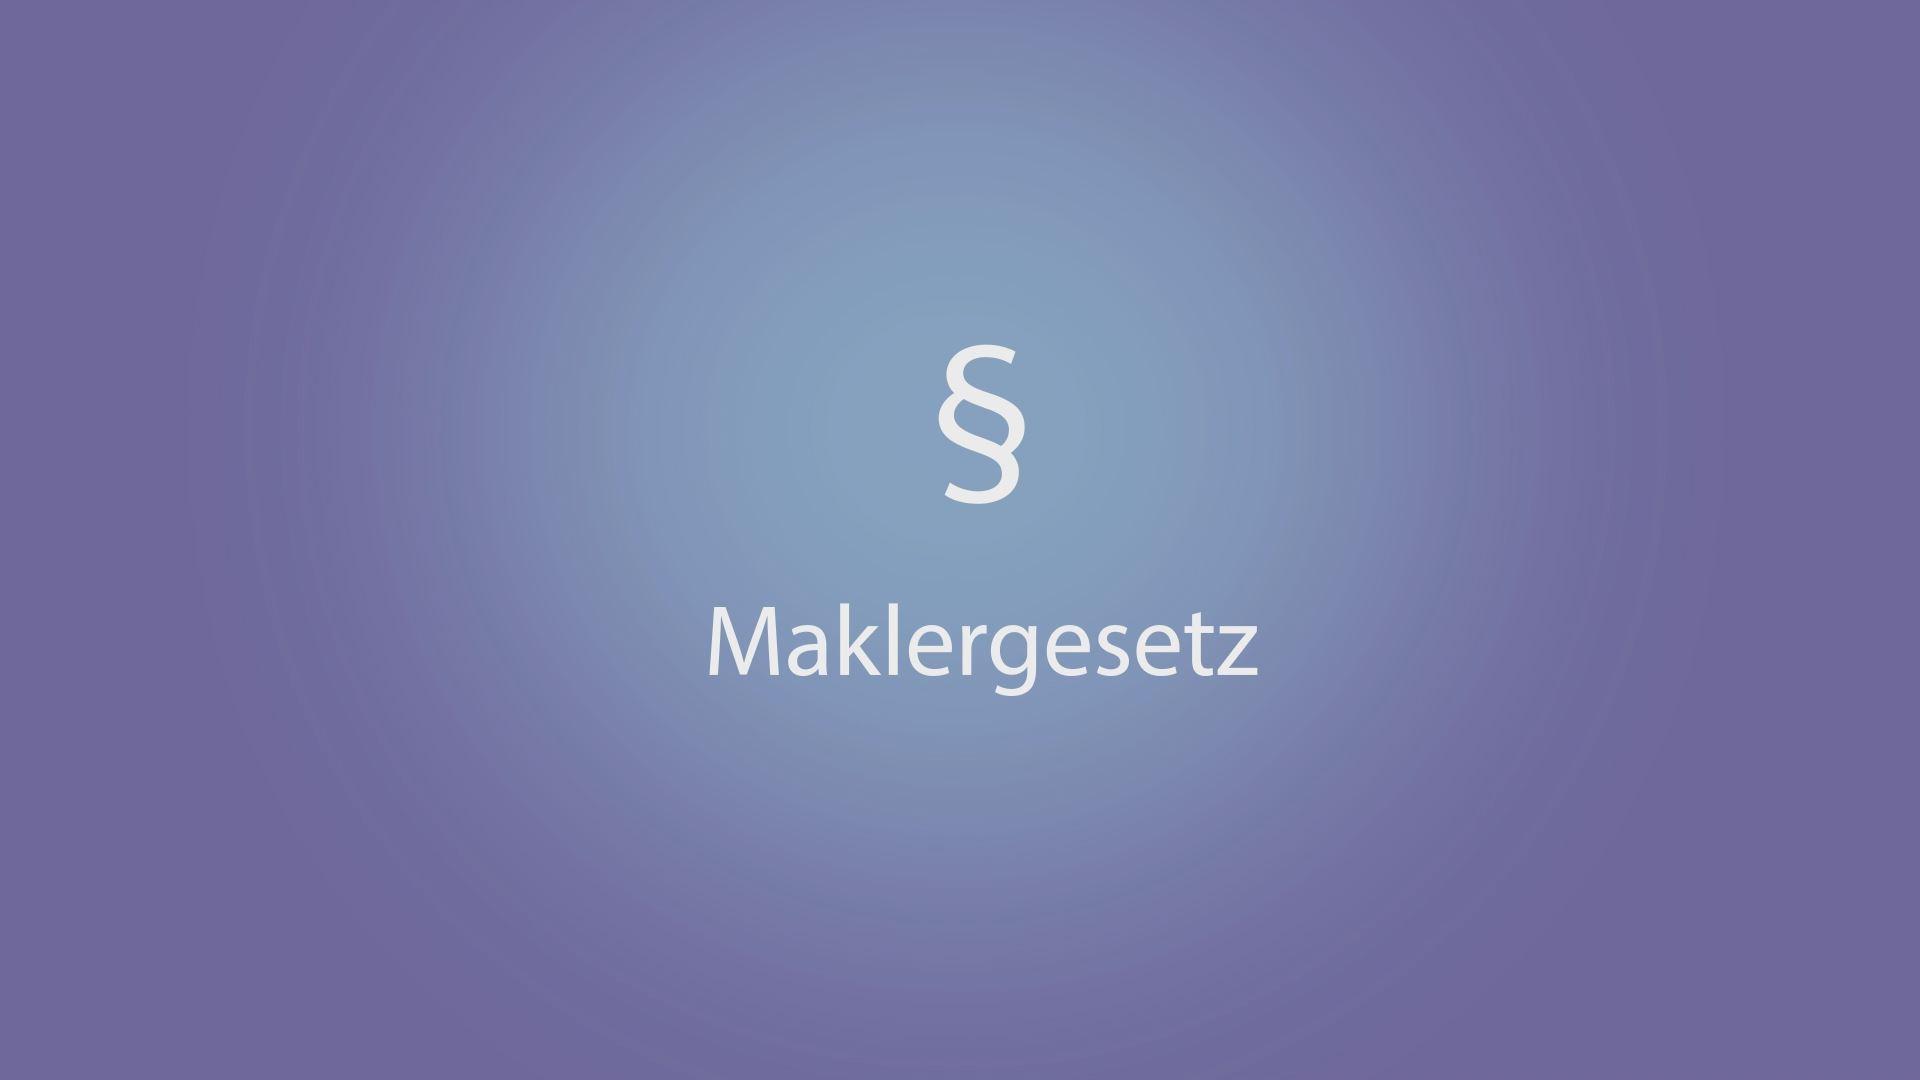 Video: Welche Vorteile bringt das neue Maklergesetz für Verkäufer mit sich? 1